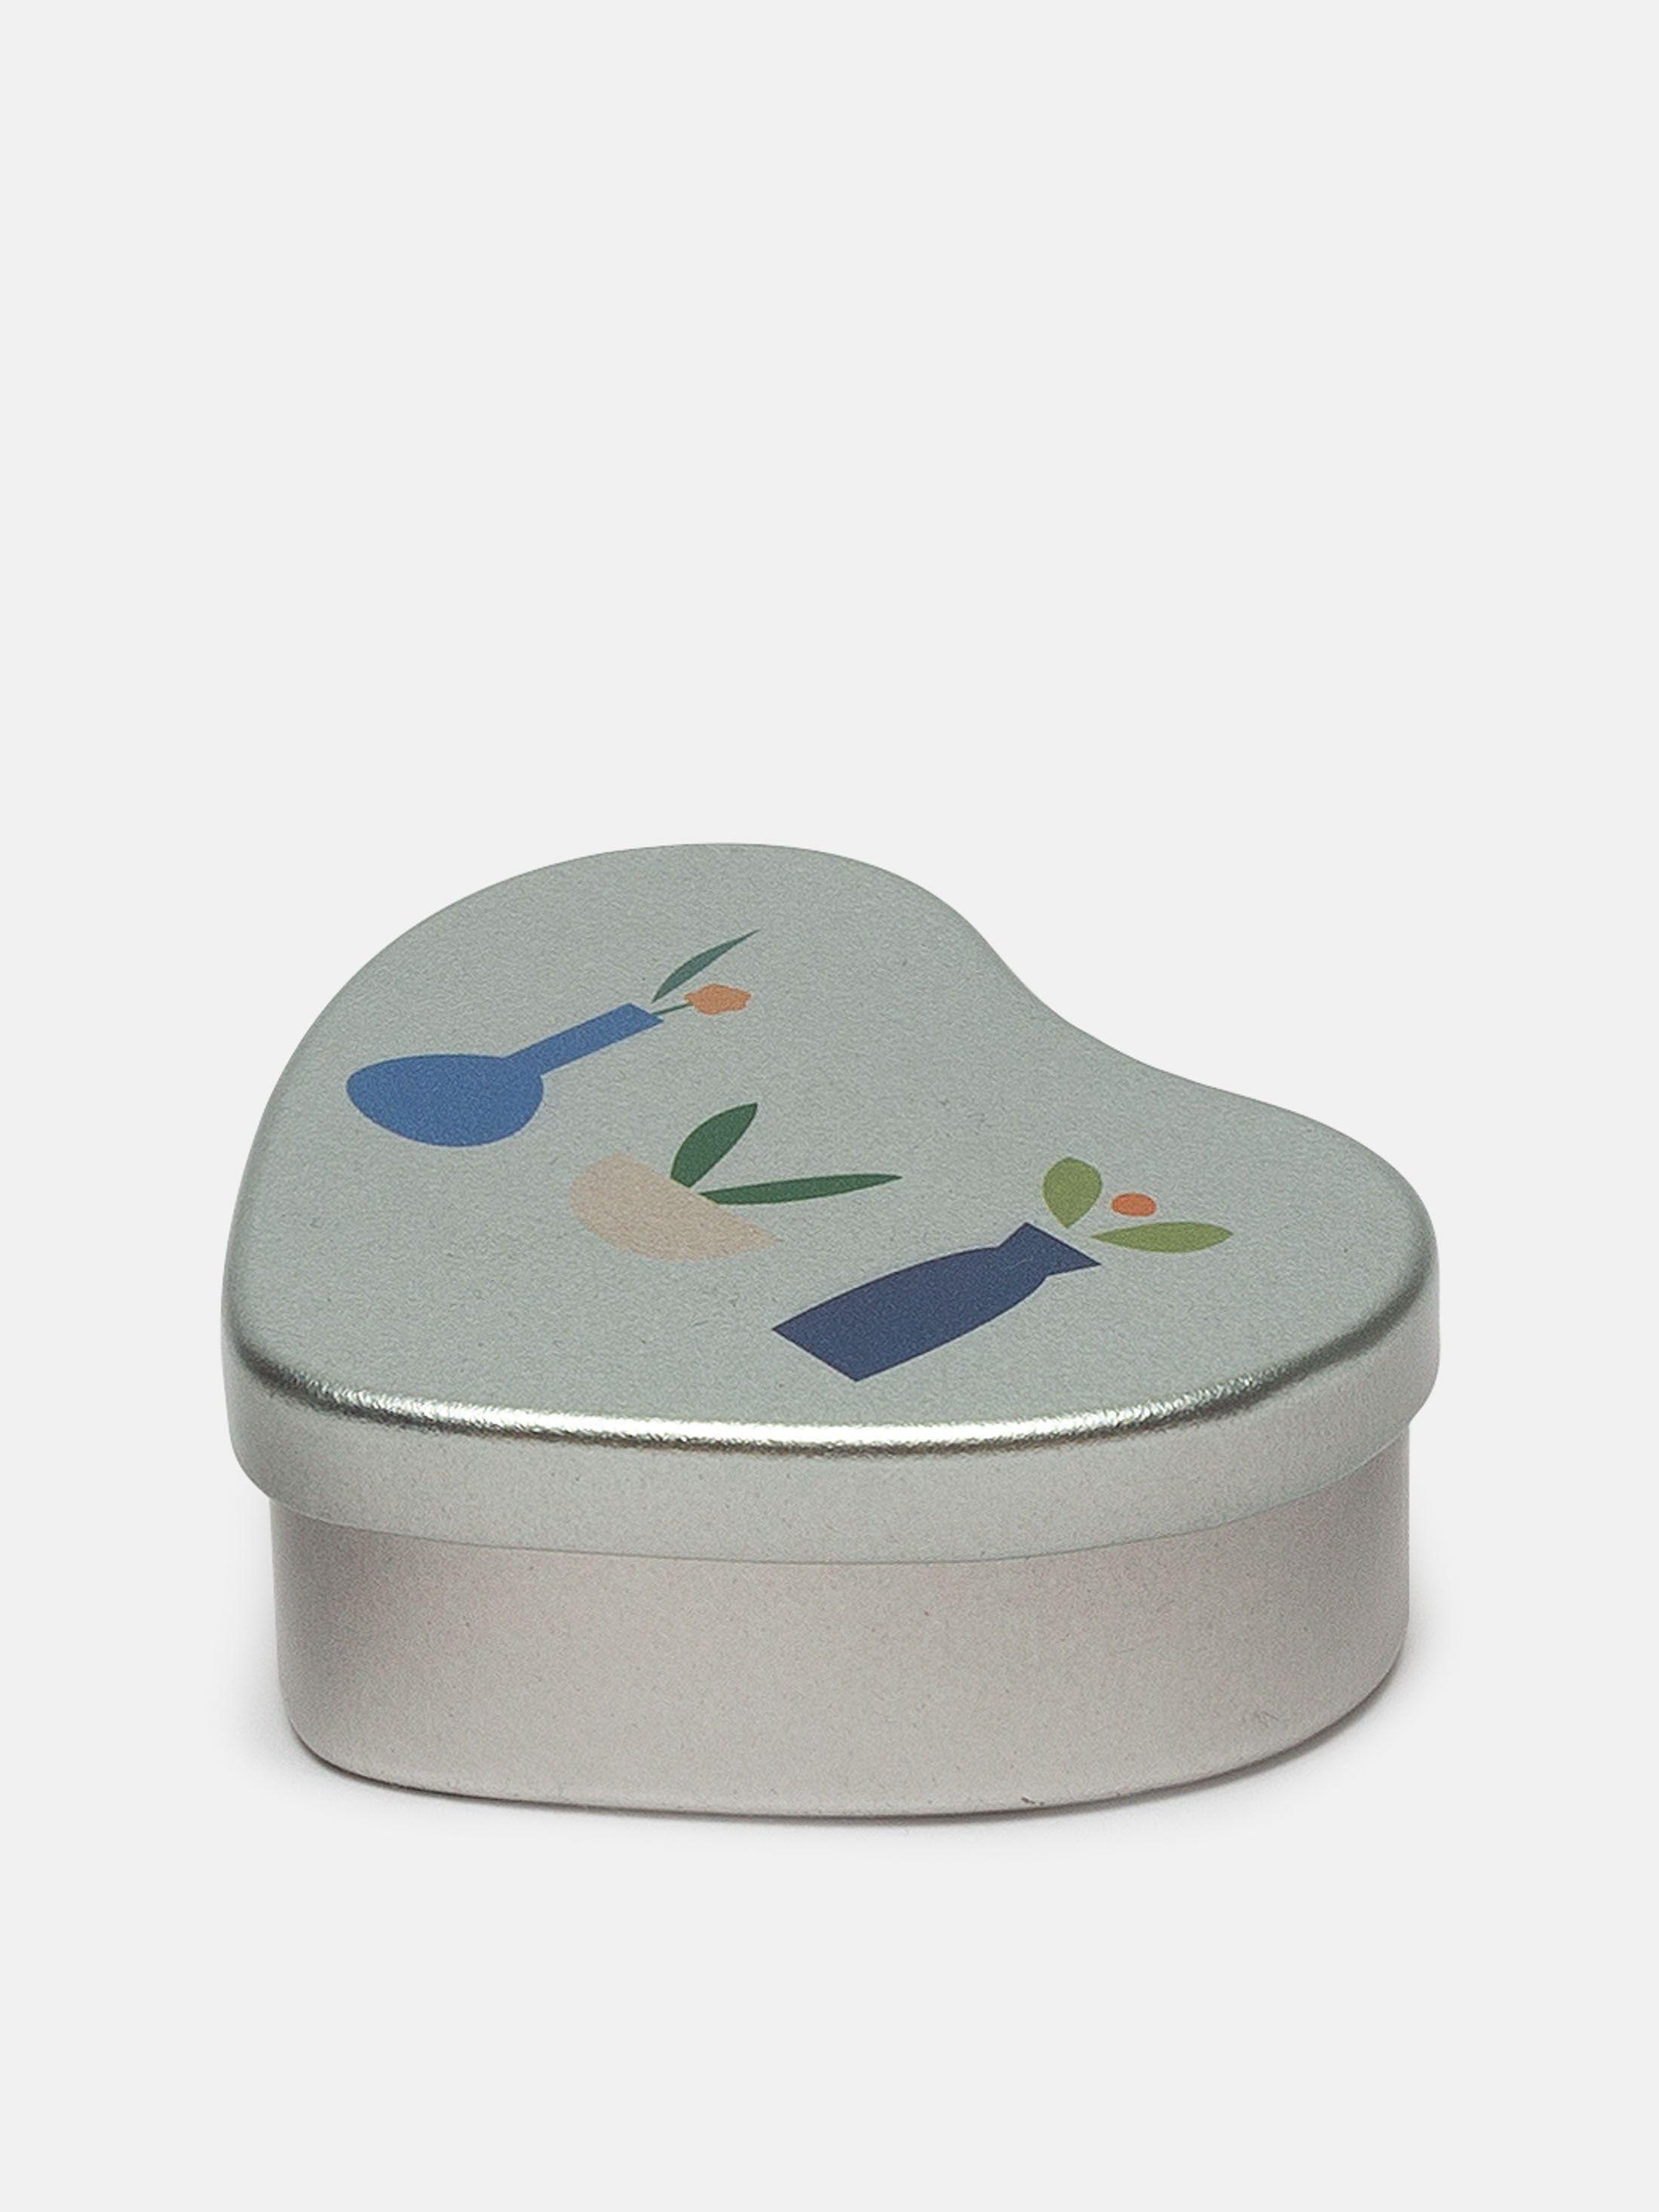 ハート缶にデザイン印刷